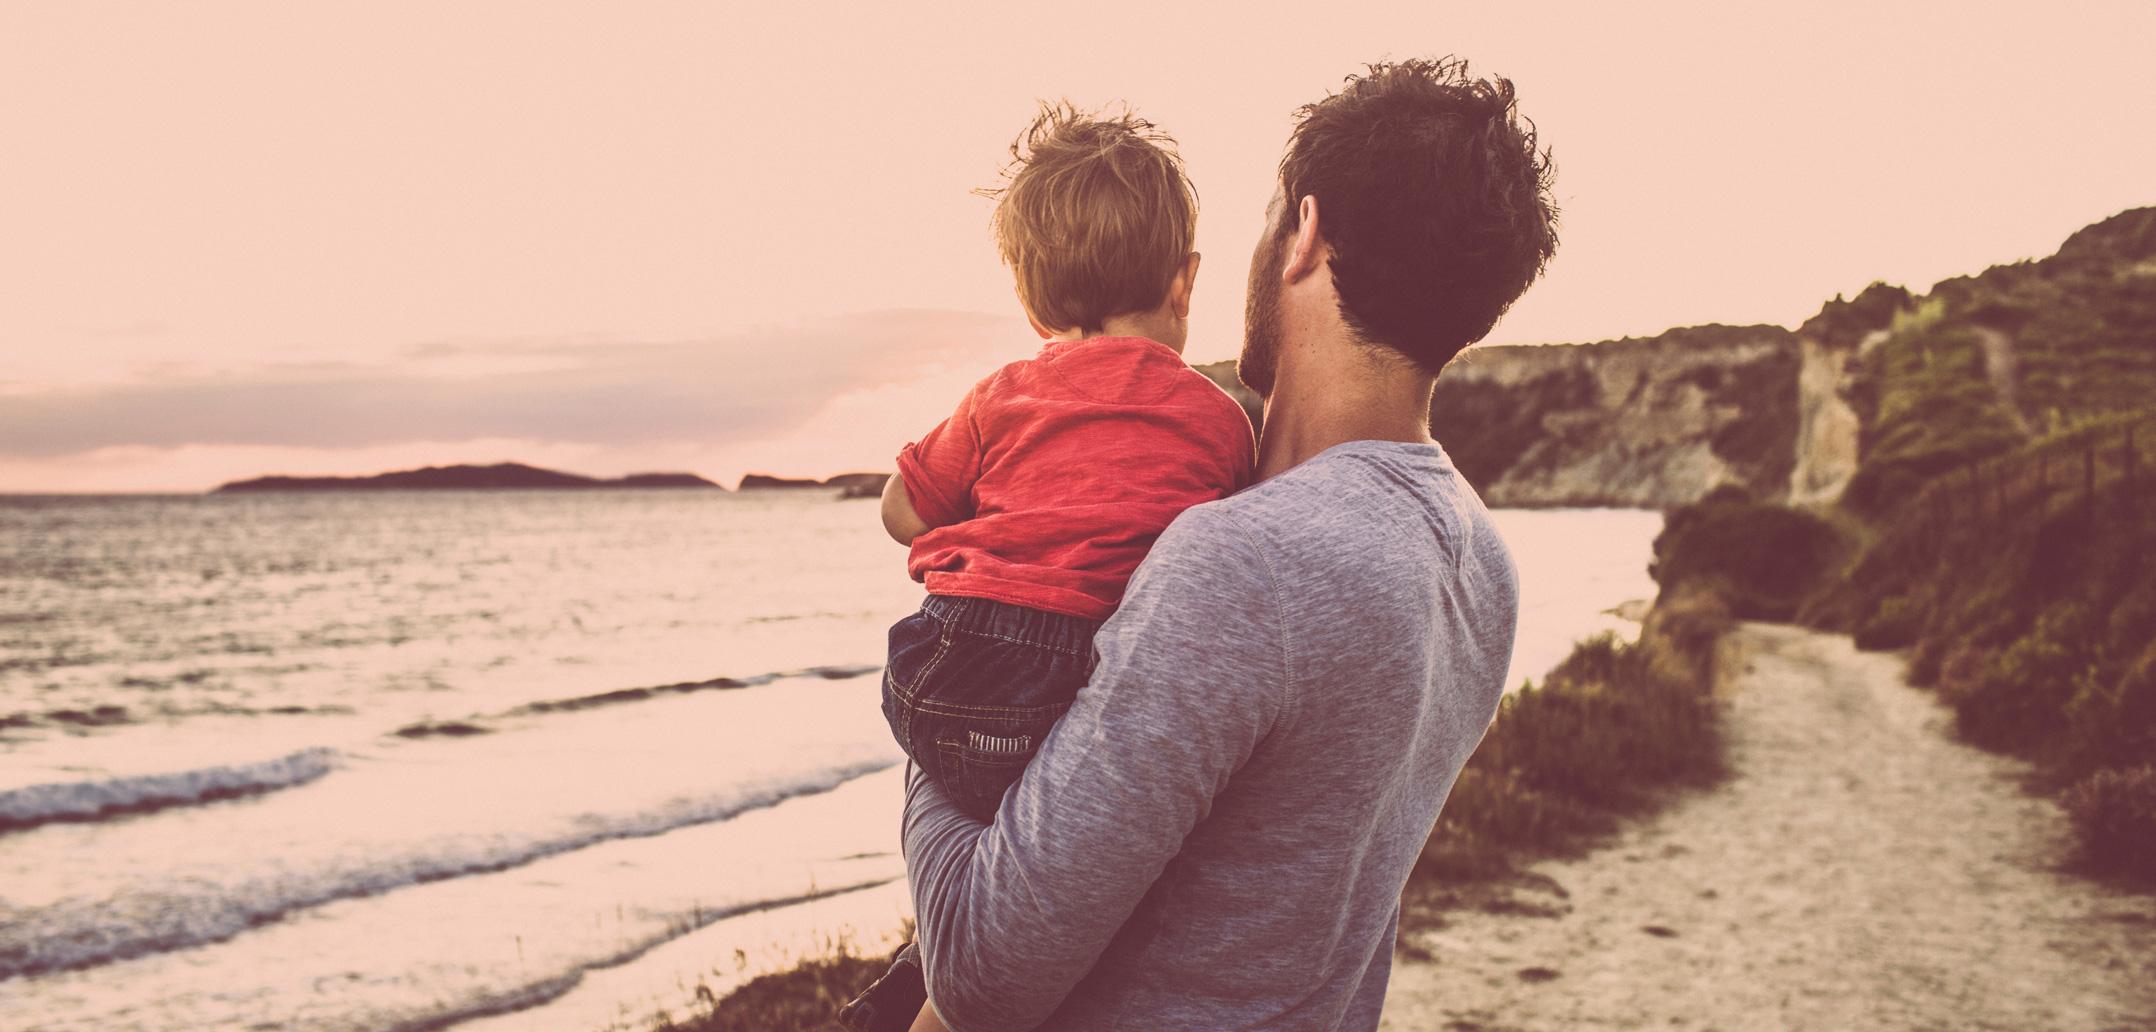 Väter unter Druck